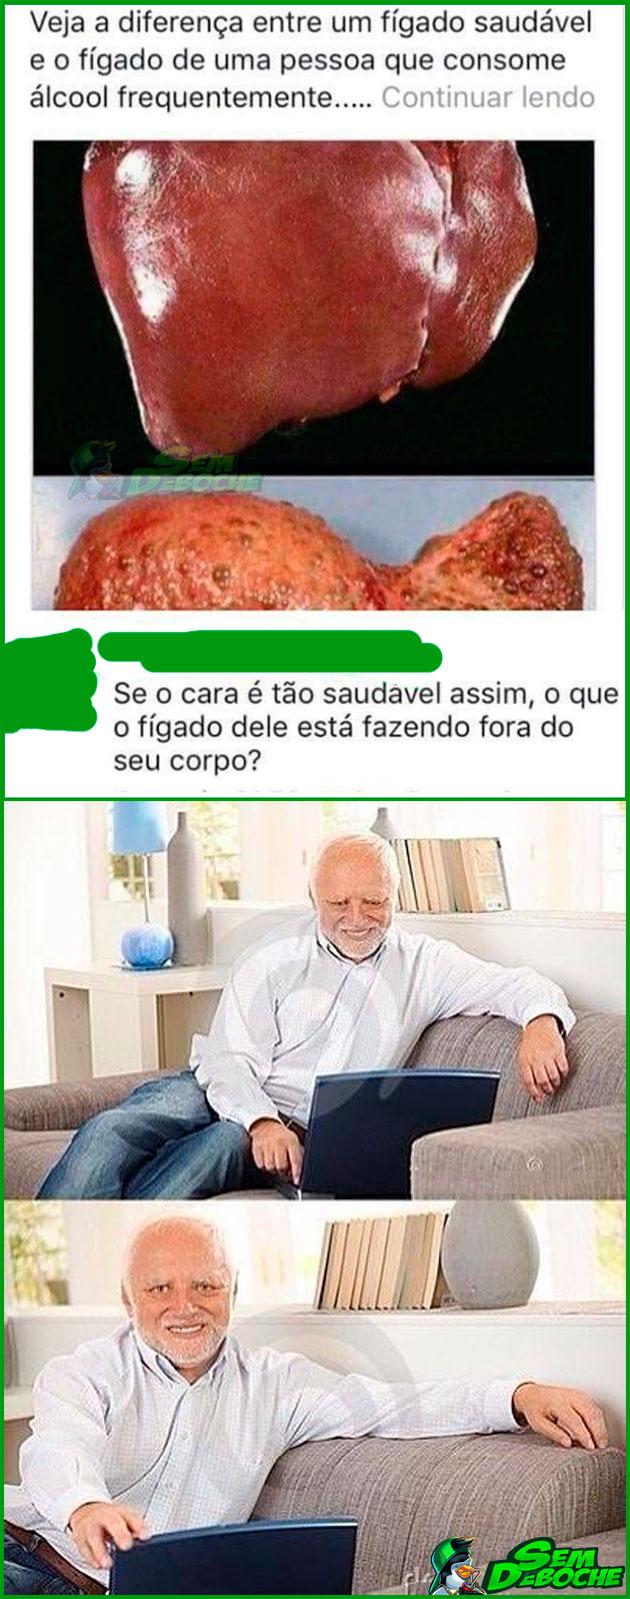 AQUELAS PERGUNTINHAS IDIOTAS DA INTERNET